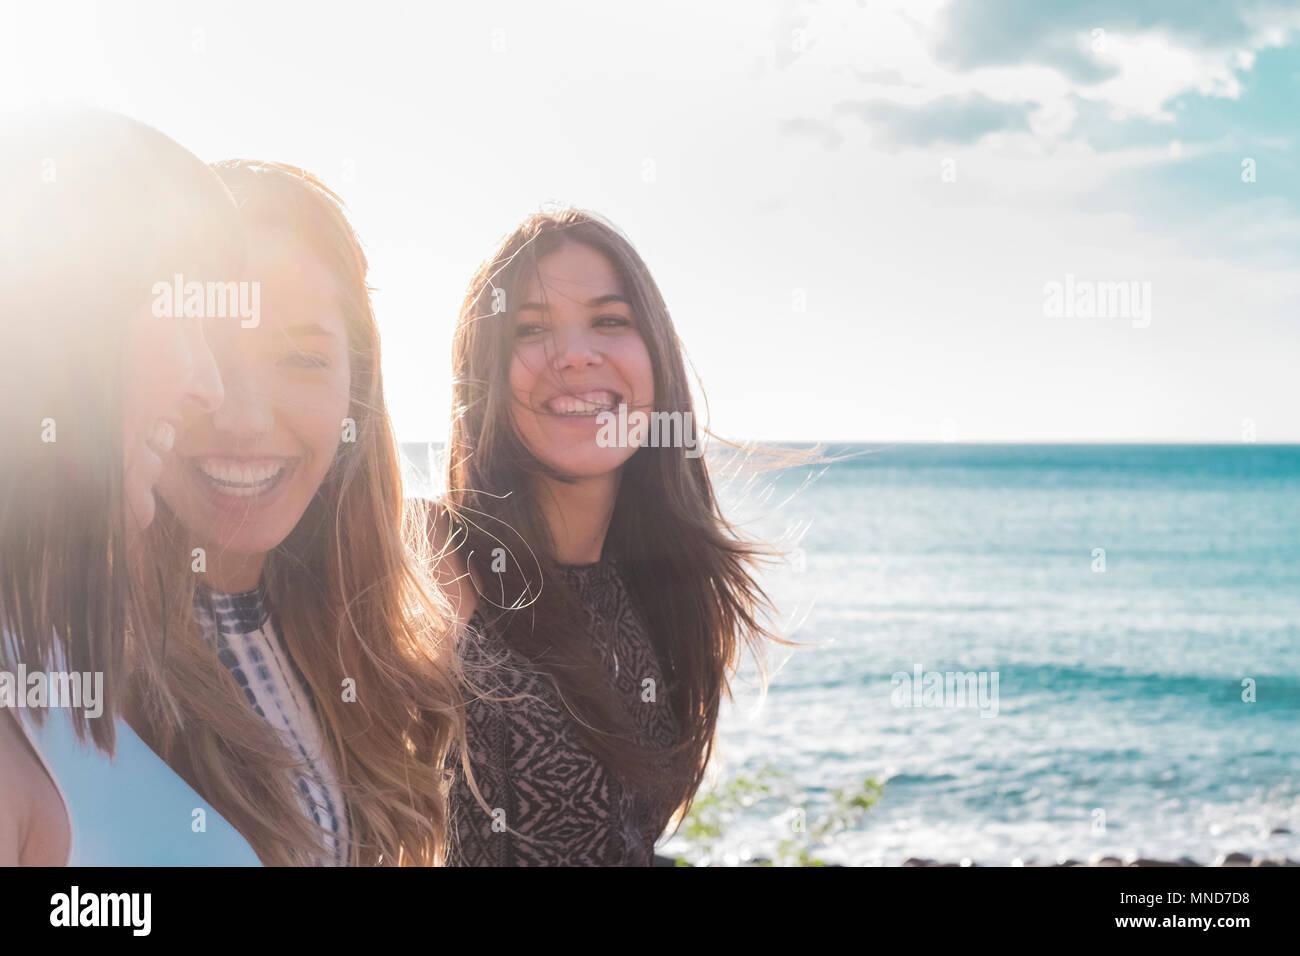 3 giovani donne a piedi sulla spiaggia guardando ogni altro, ridendo e trascorrere il proprio tempo libero insieme. su una bella giornata d'estate. con il sole e il mare come una backgroun Immagini Stock